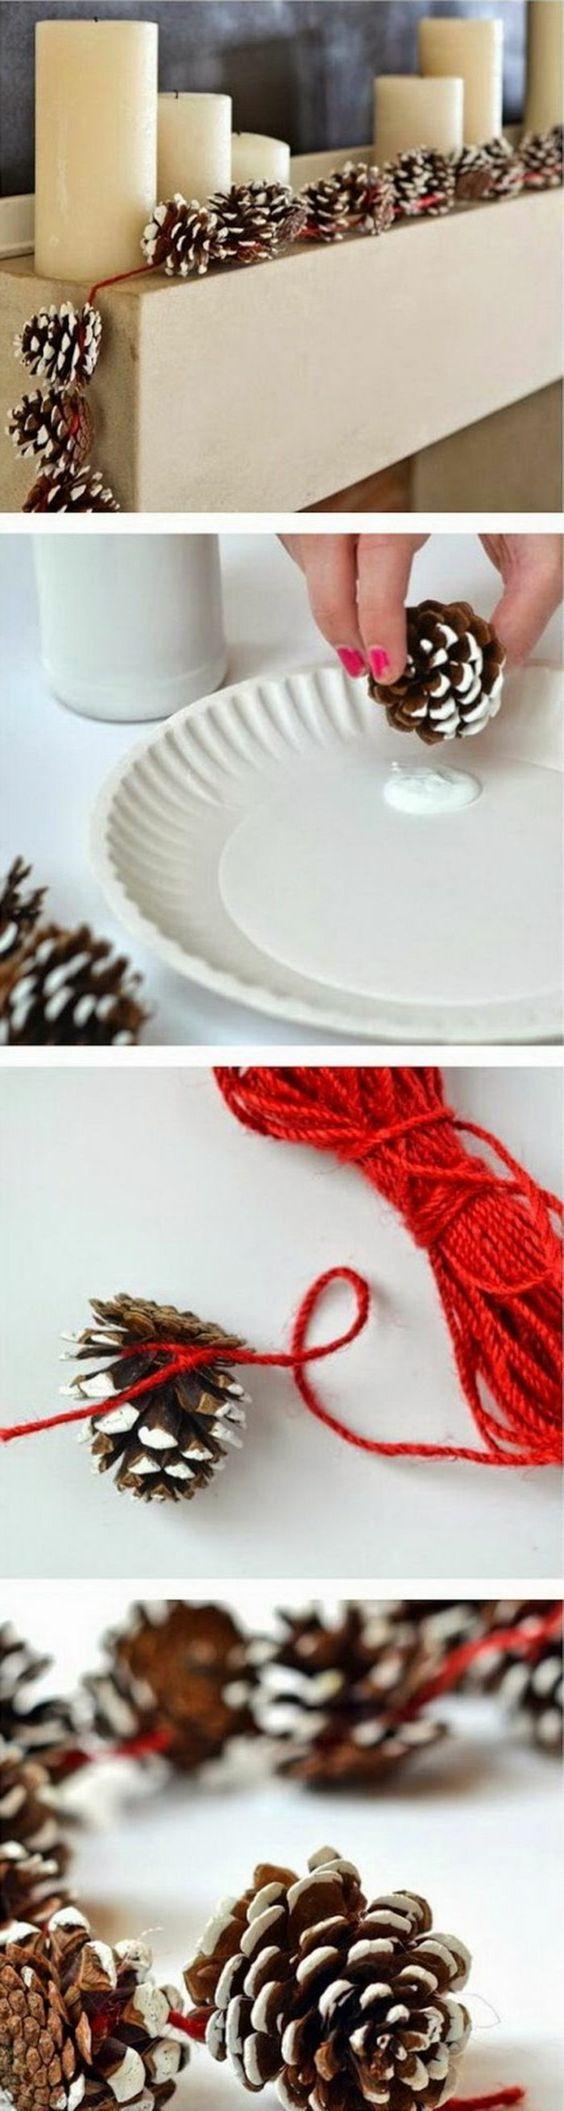 Inspiration de bricolages de Noël avec des cocottes